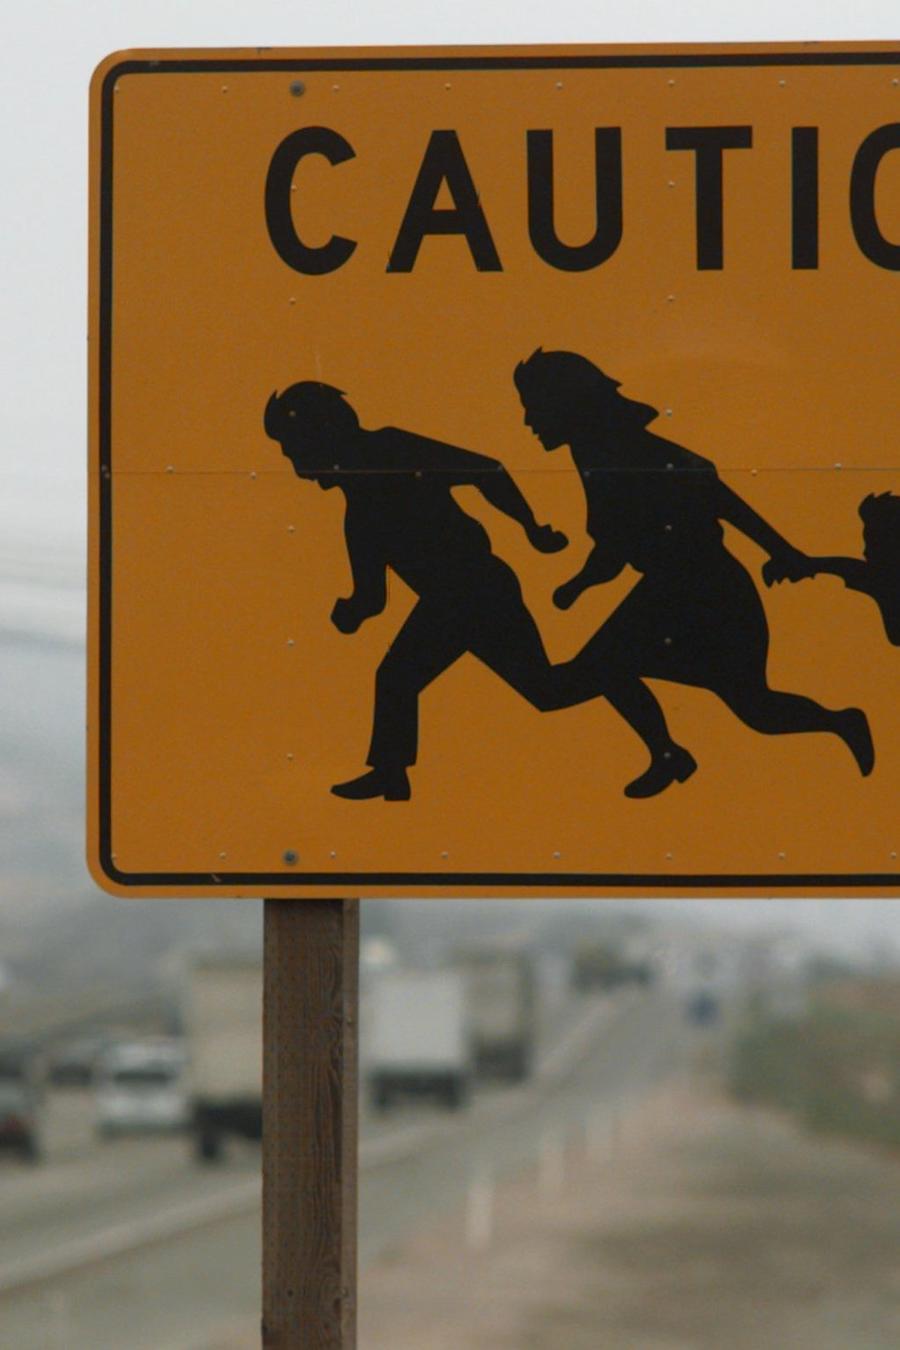 Señal de precaución por inmigrantes cruzando la calzada, en una imagen de archivo de 1996.